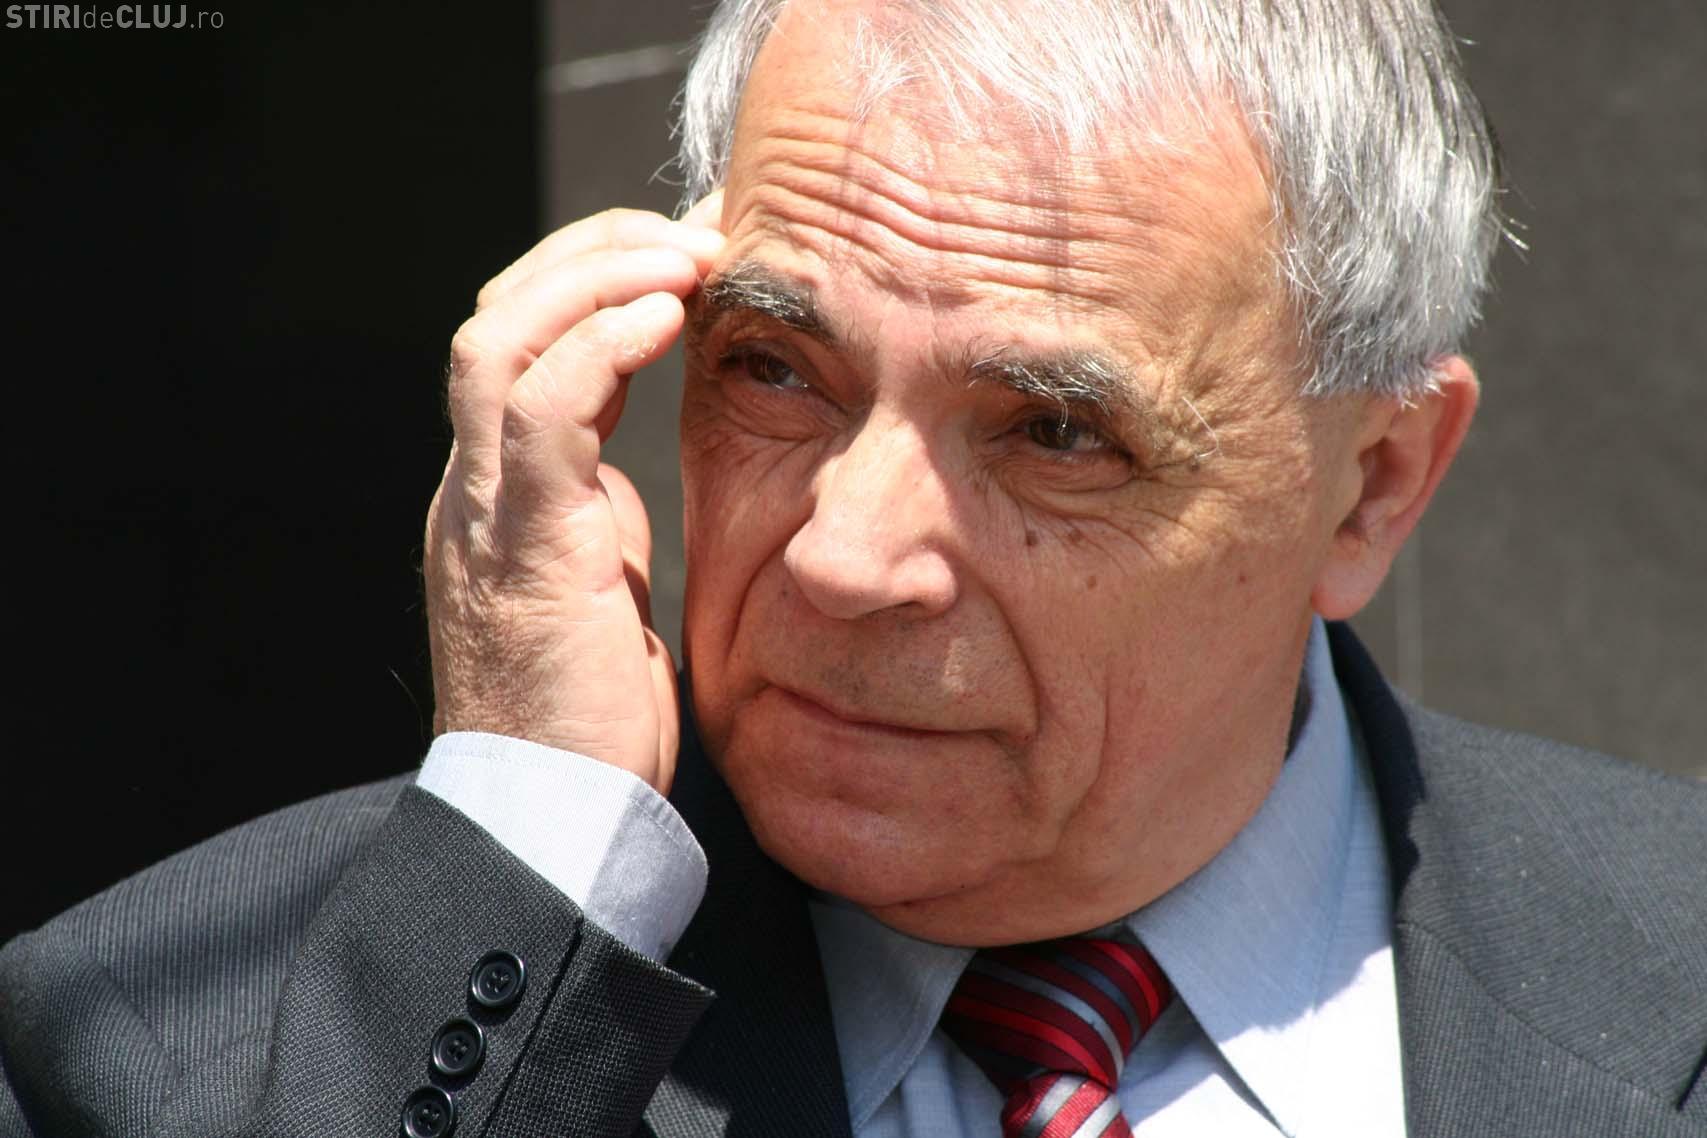 Criticul Nicolae Manolescu le dă dreptate elevilor care contestă subiectele de la BAC